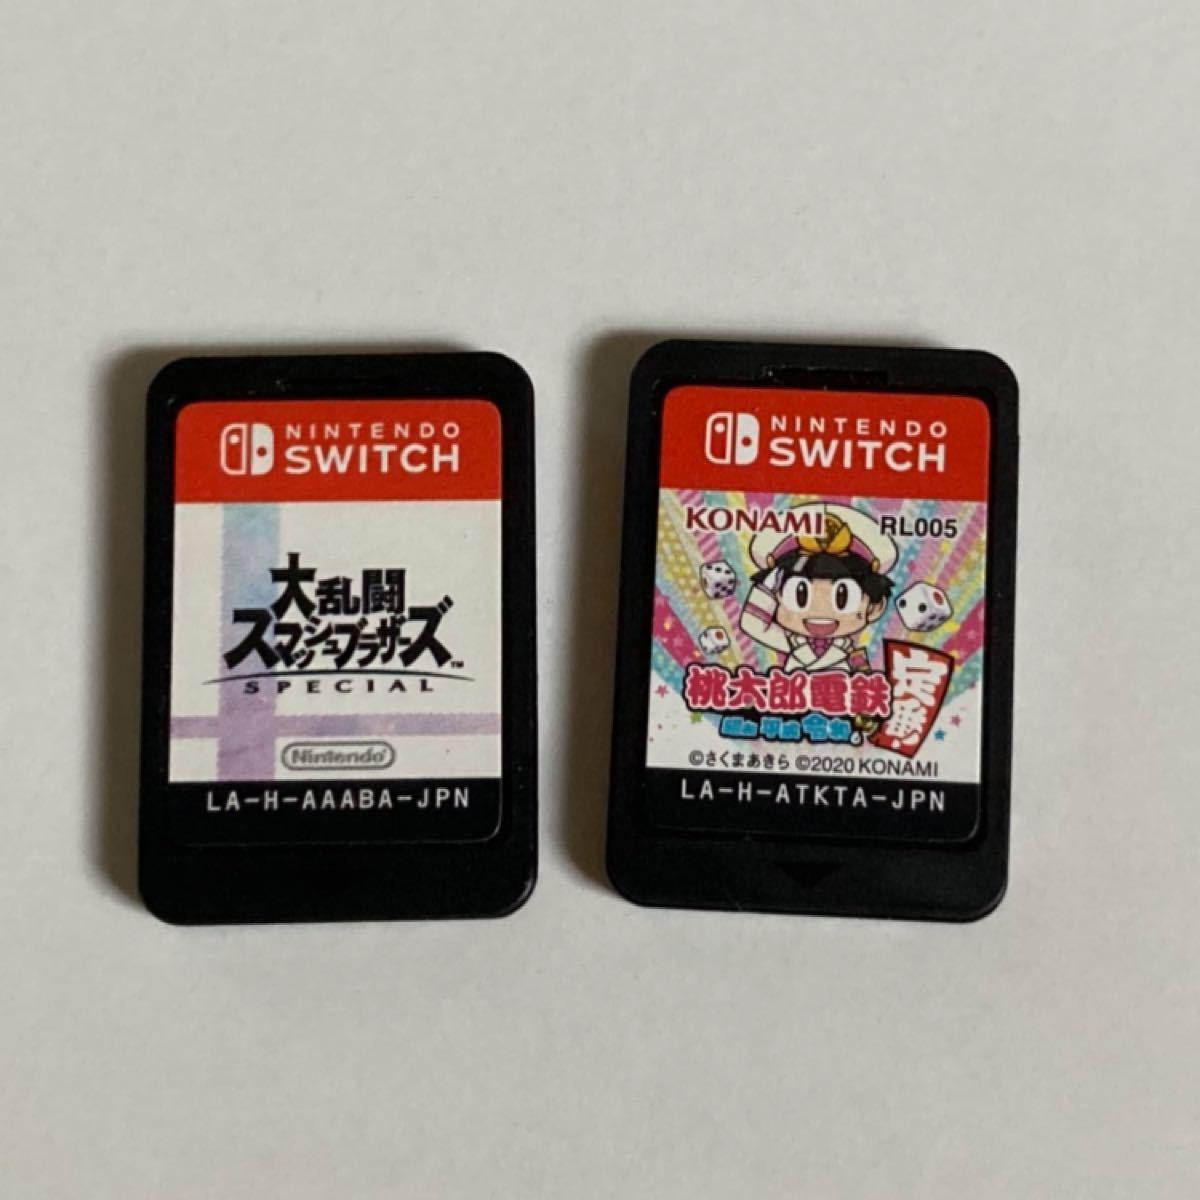 大乱闘スマッシュブラザーズSPECIAL スマブラ Switch 桃太郎電鉄 桃鉄 ニンテンドースイッチ ソフト